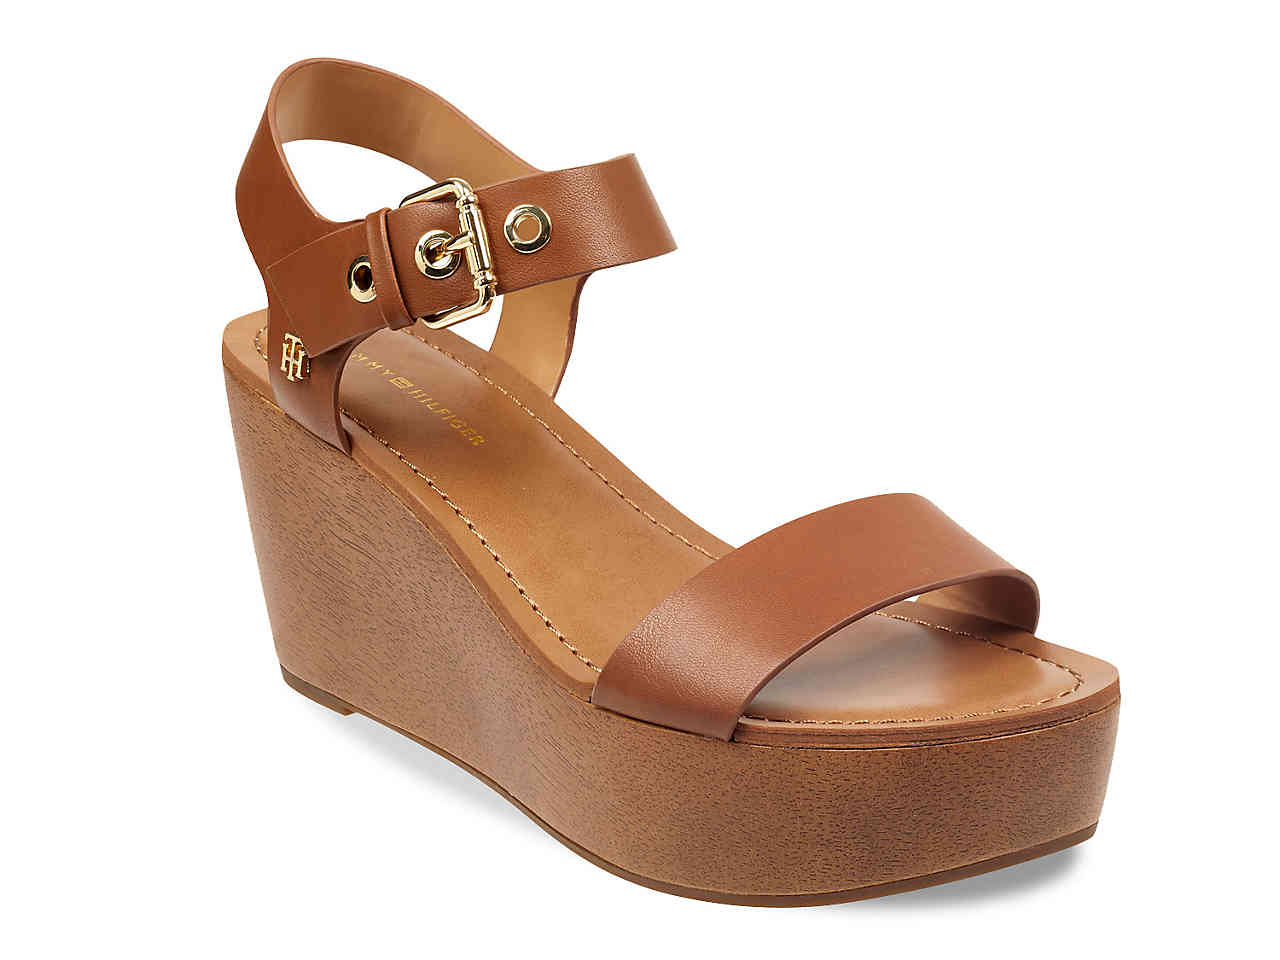 Tommy Hilfiger platform sandals